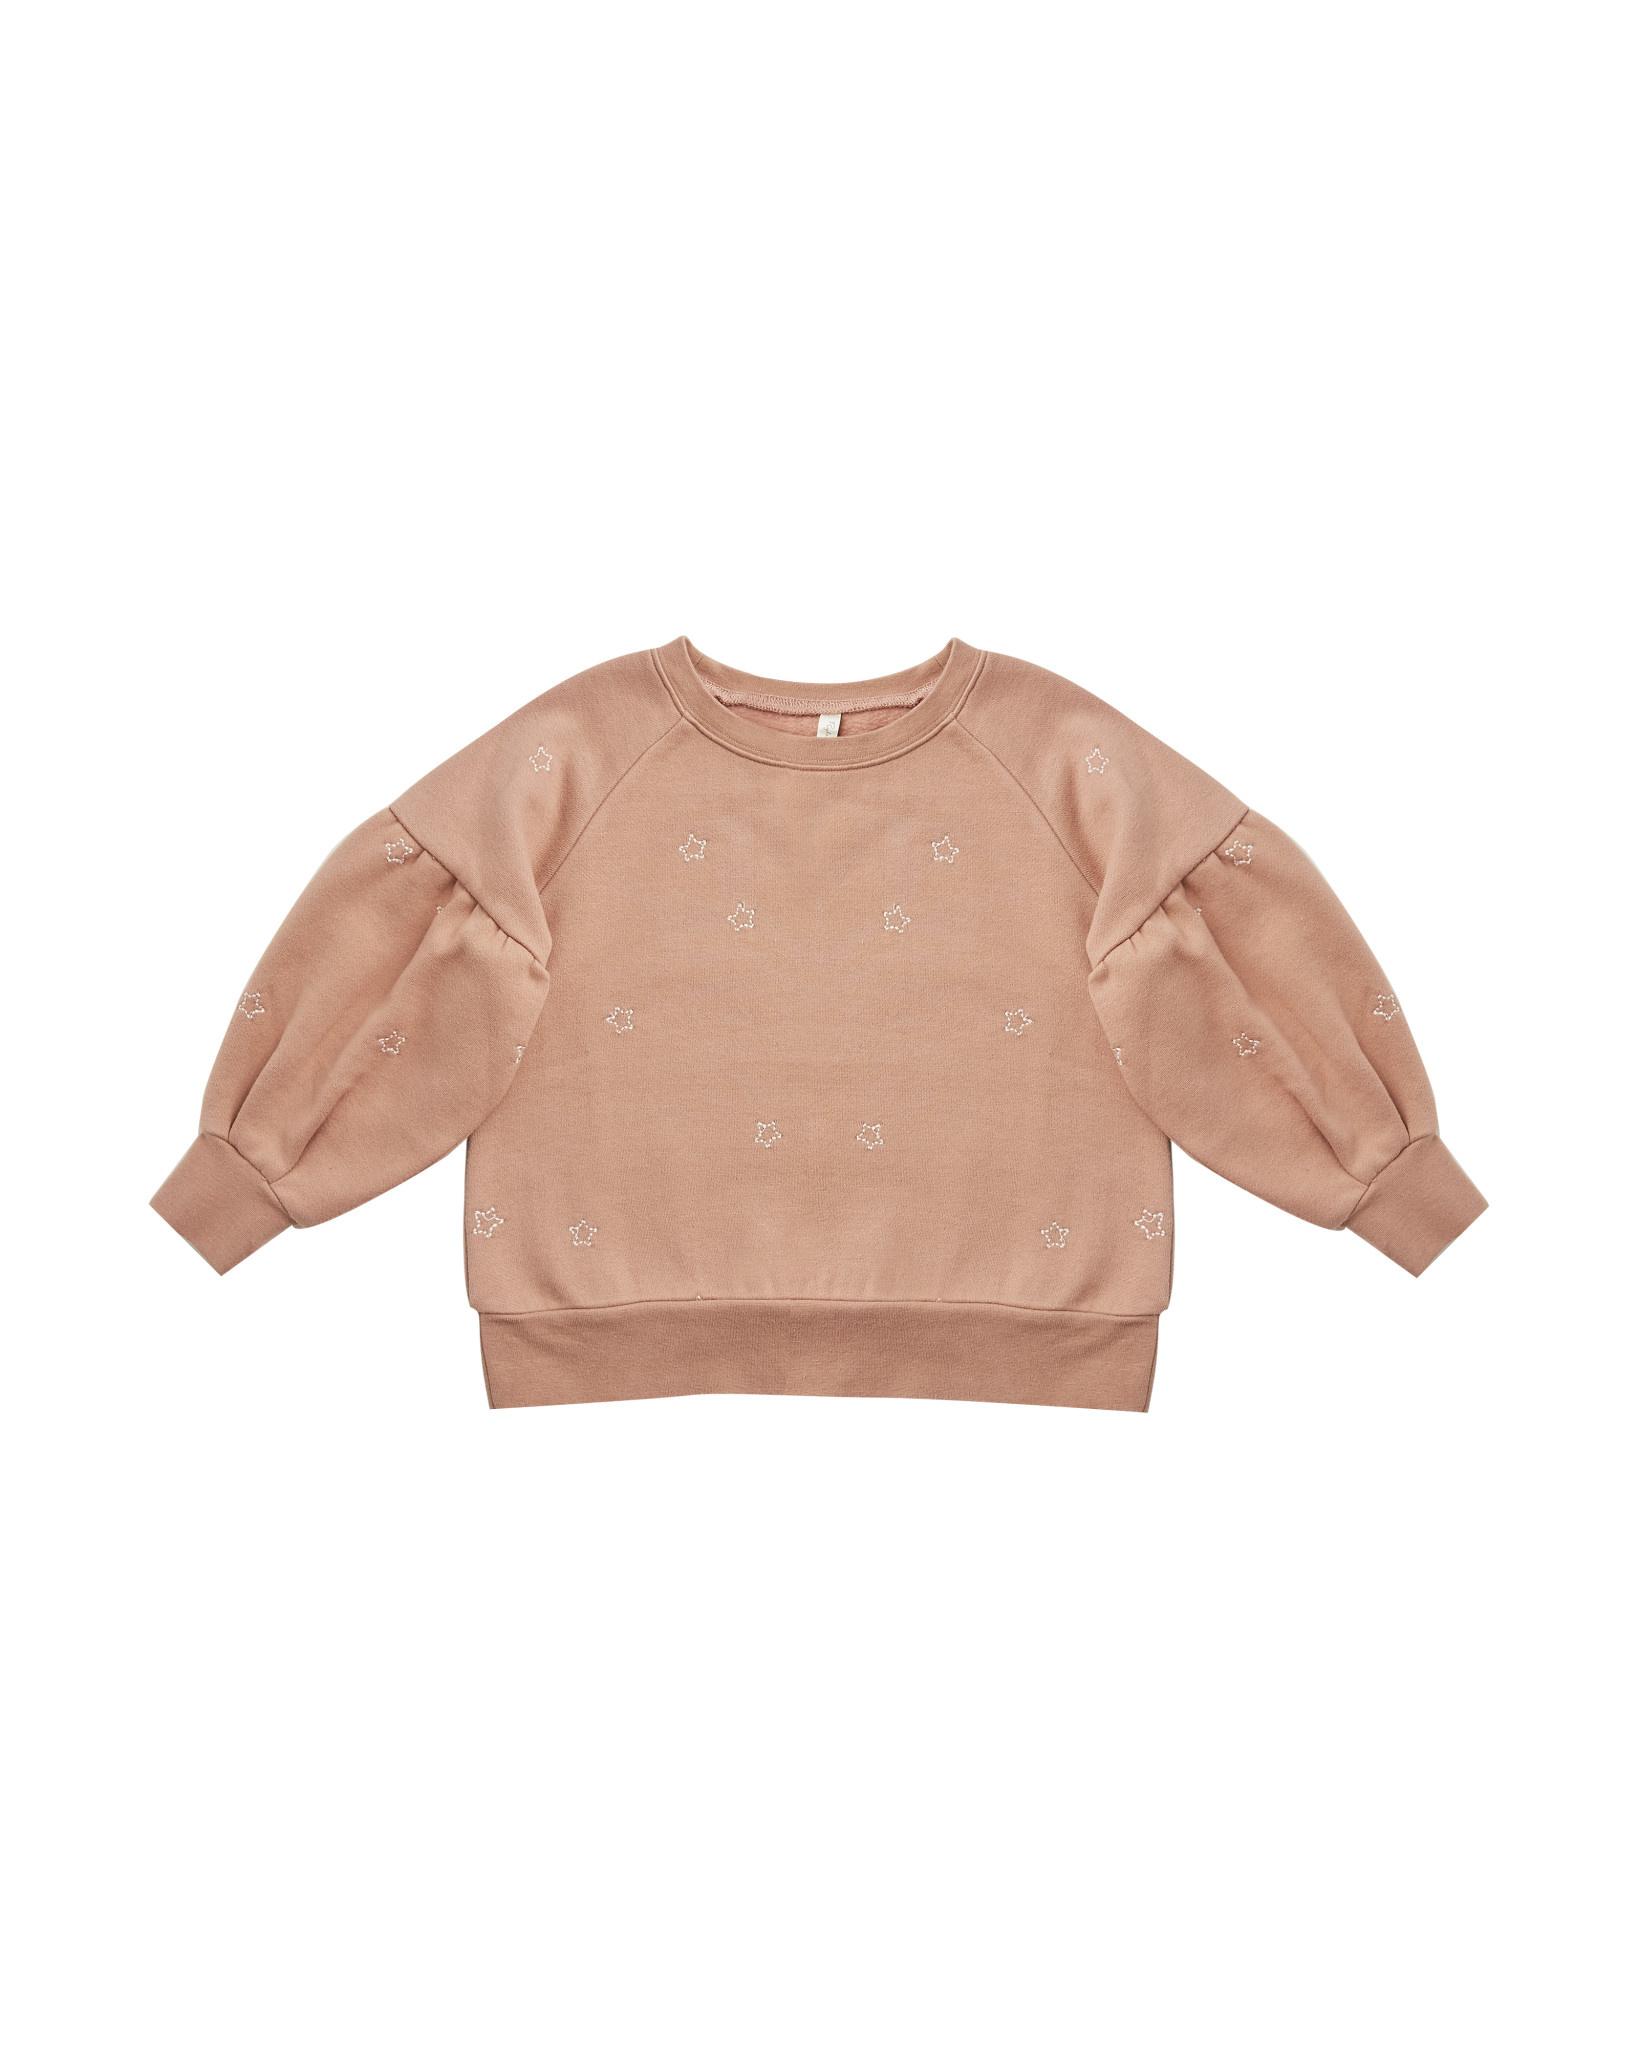 Rylee and Cru Rylee & Cru  Puff Sleeve Star Sweatshirt